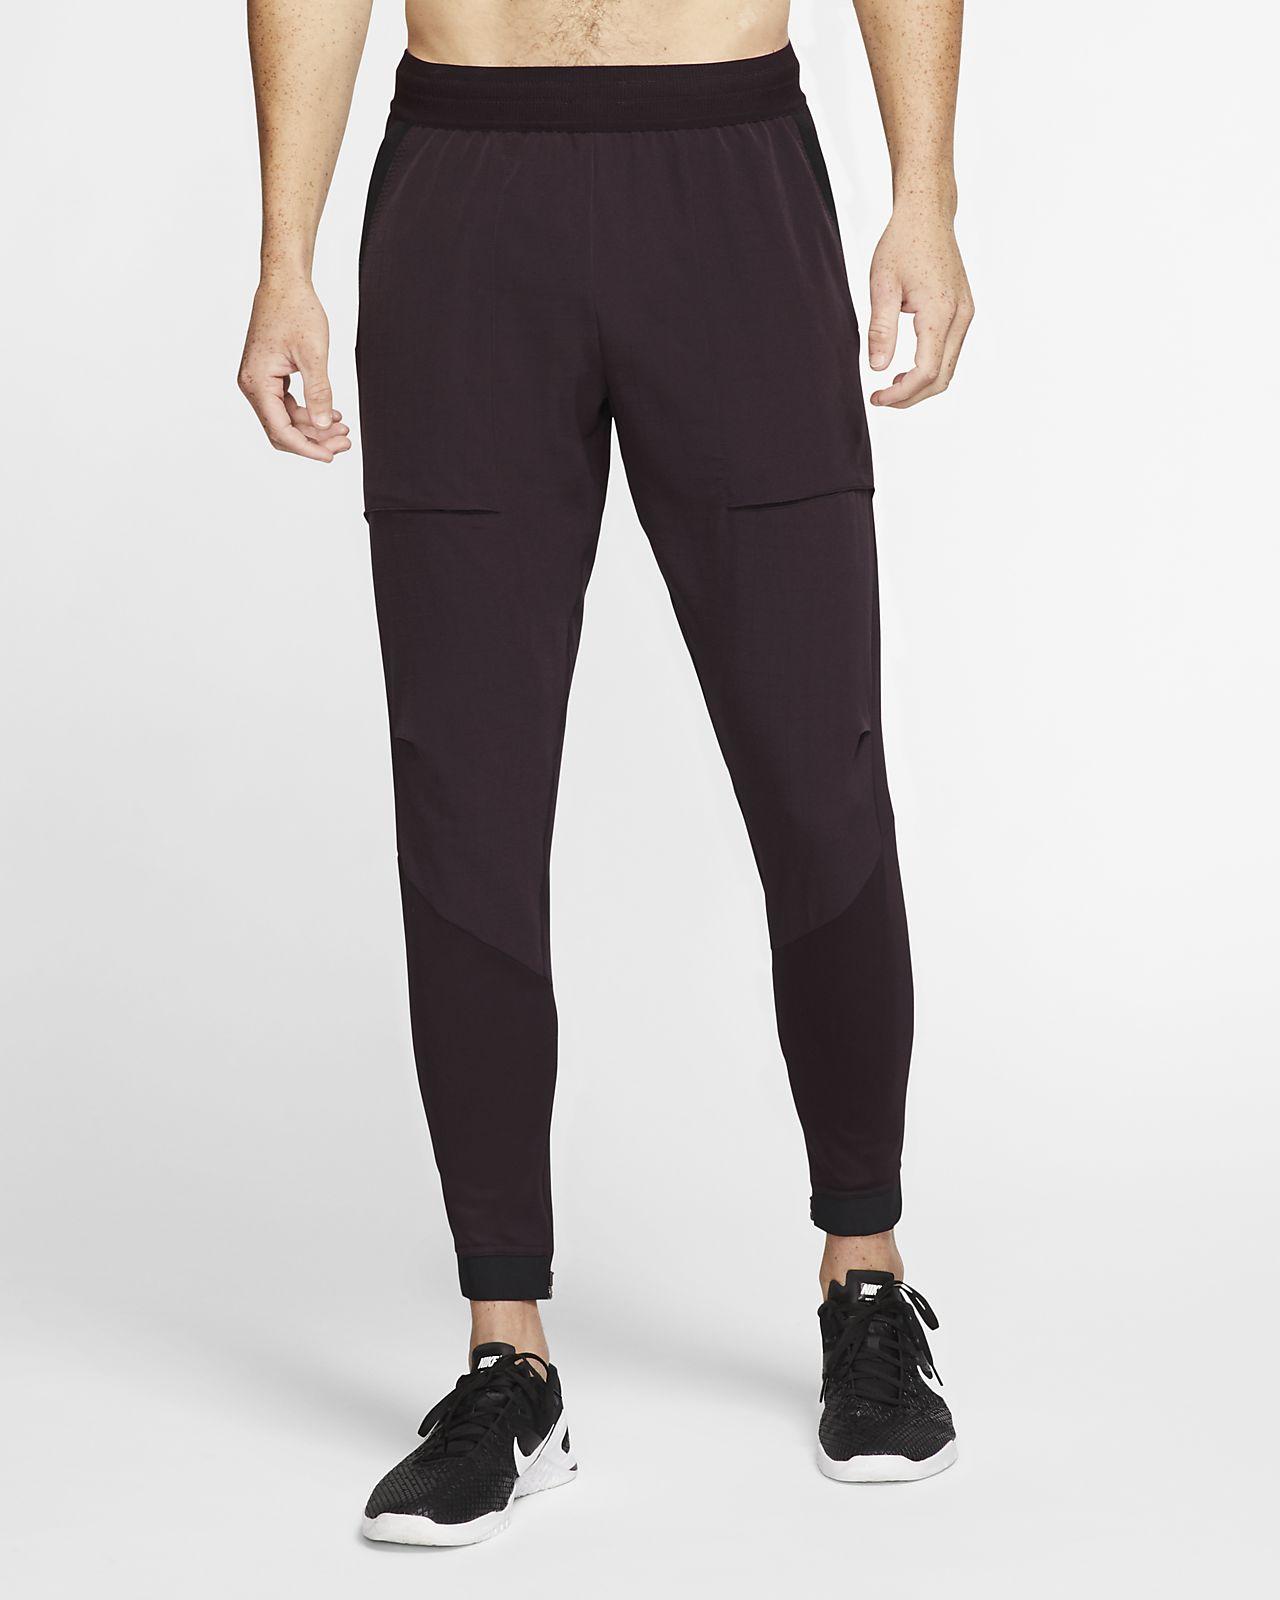 pantaloni calcio allenamento nike